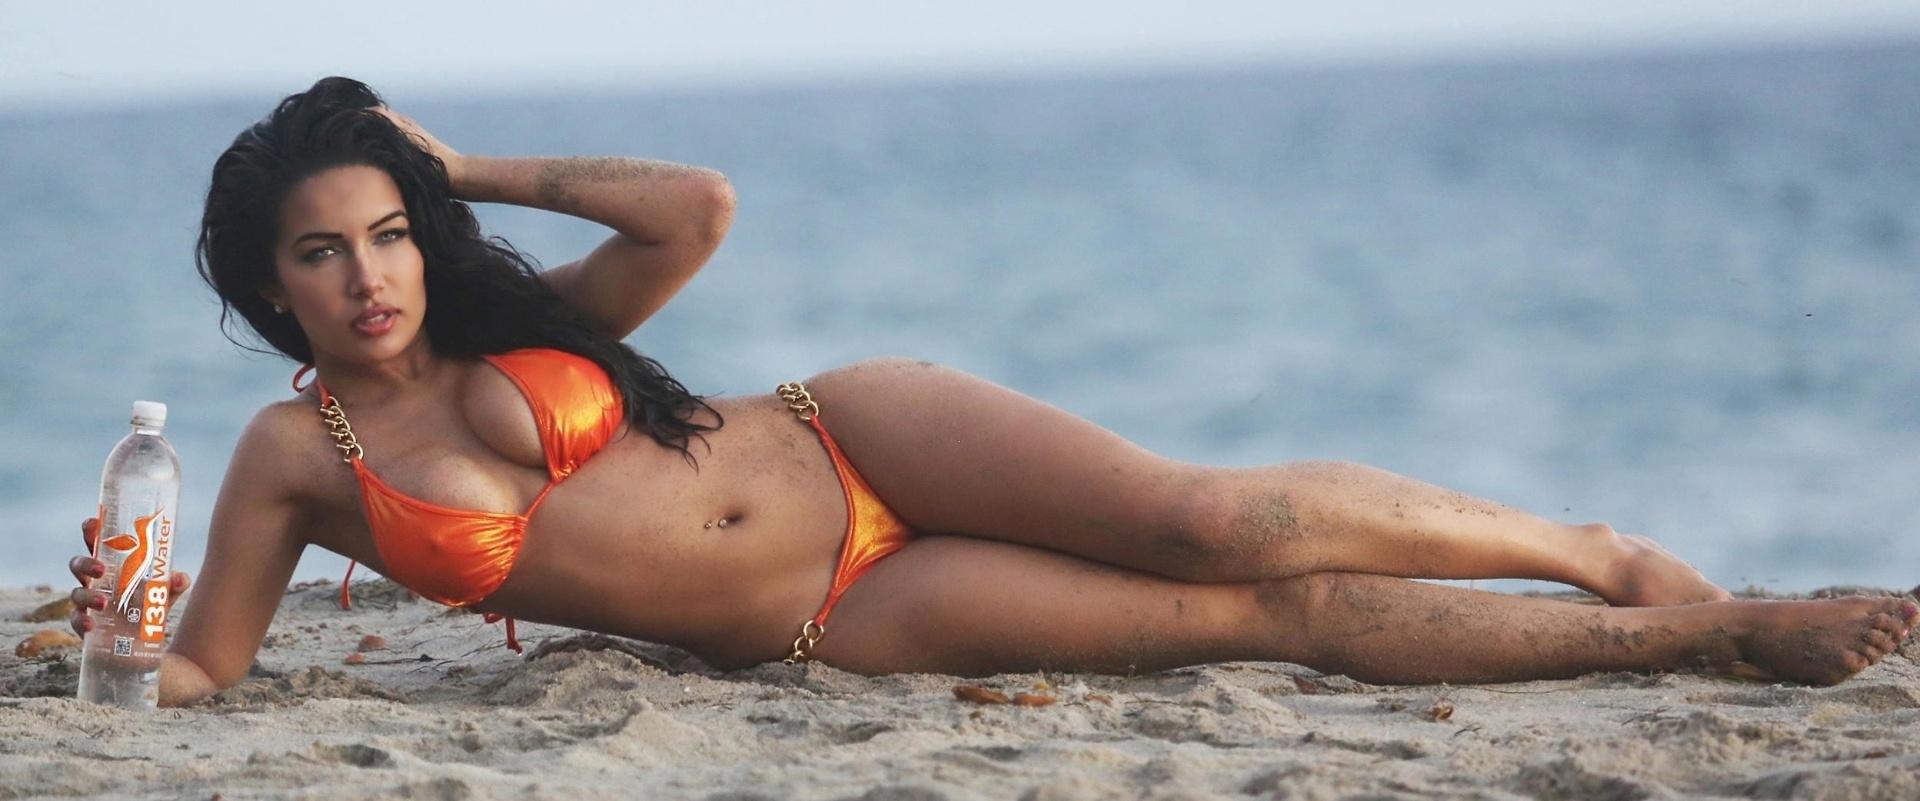 23.out.2015 - Norte-americana, Nasia Jansen é playmate da revista Playboy